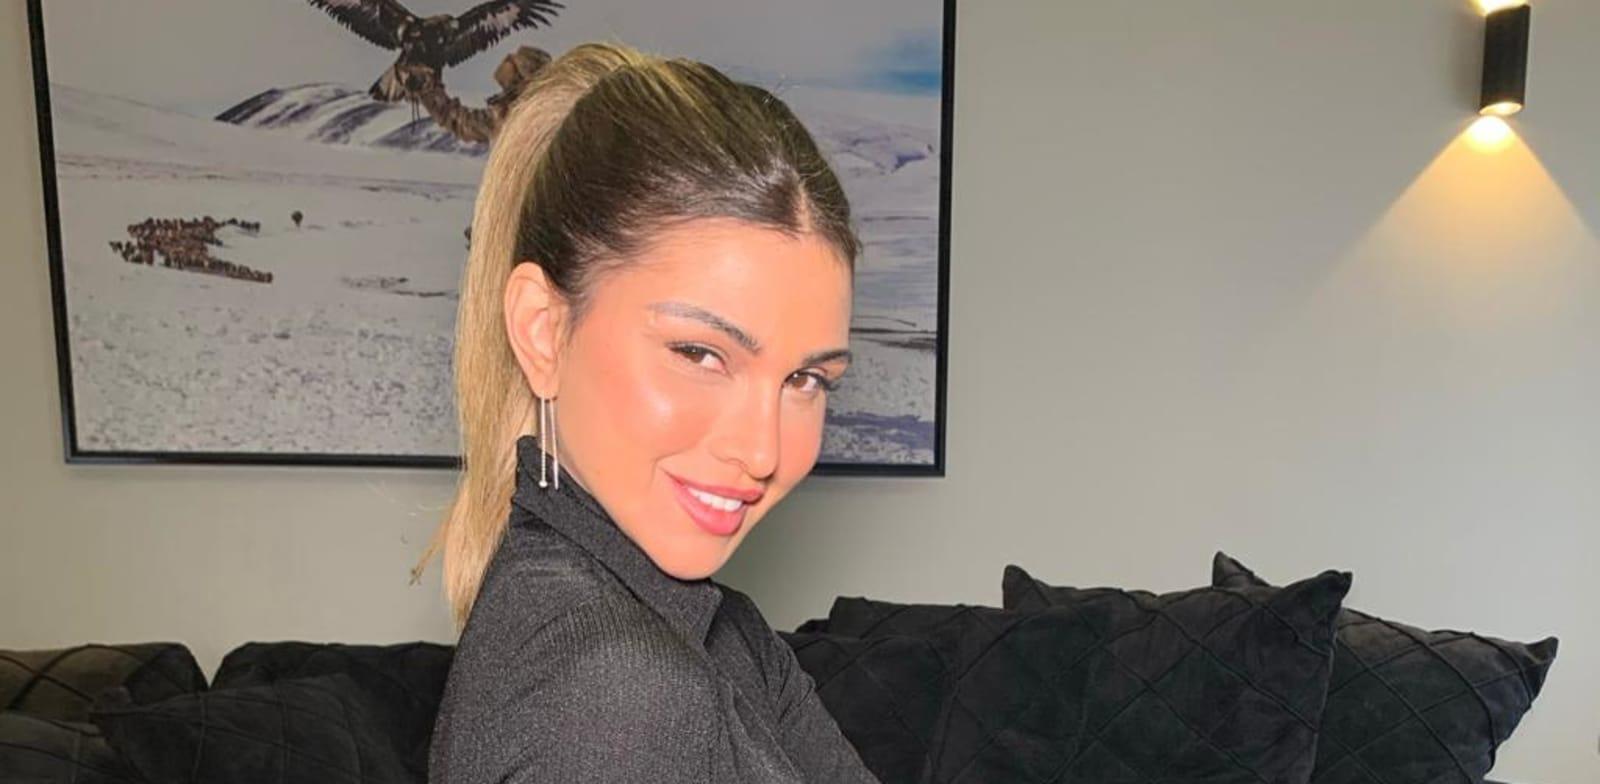 שלומית אזרד, מעצבת אופנה / צילום: יערה מרדכי